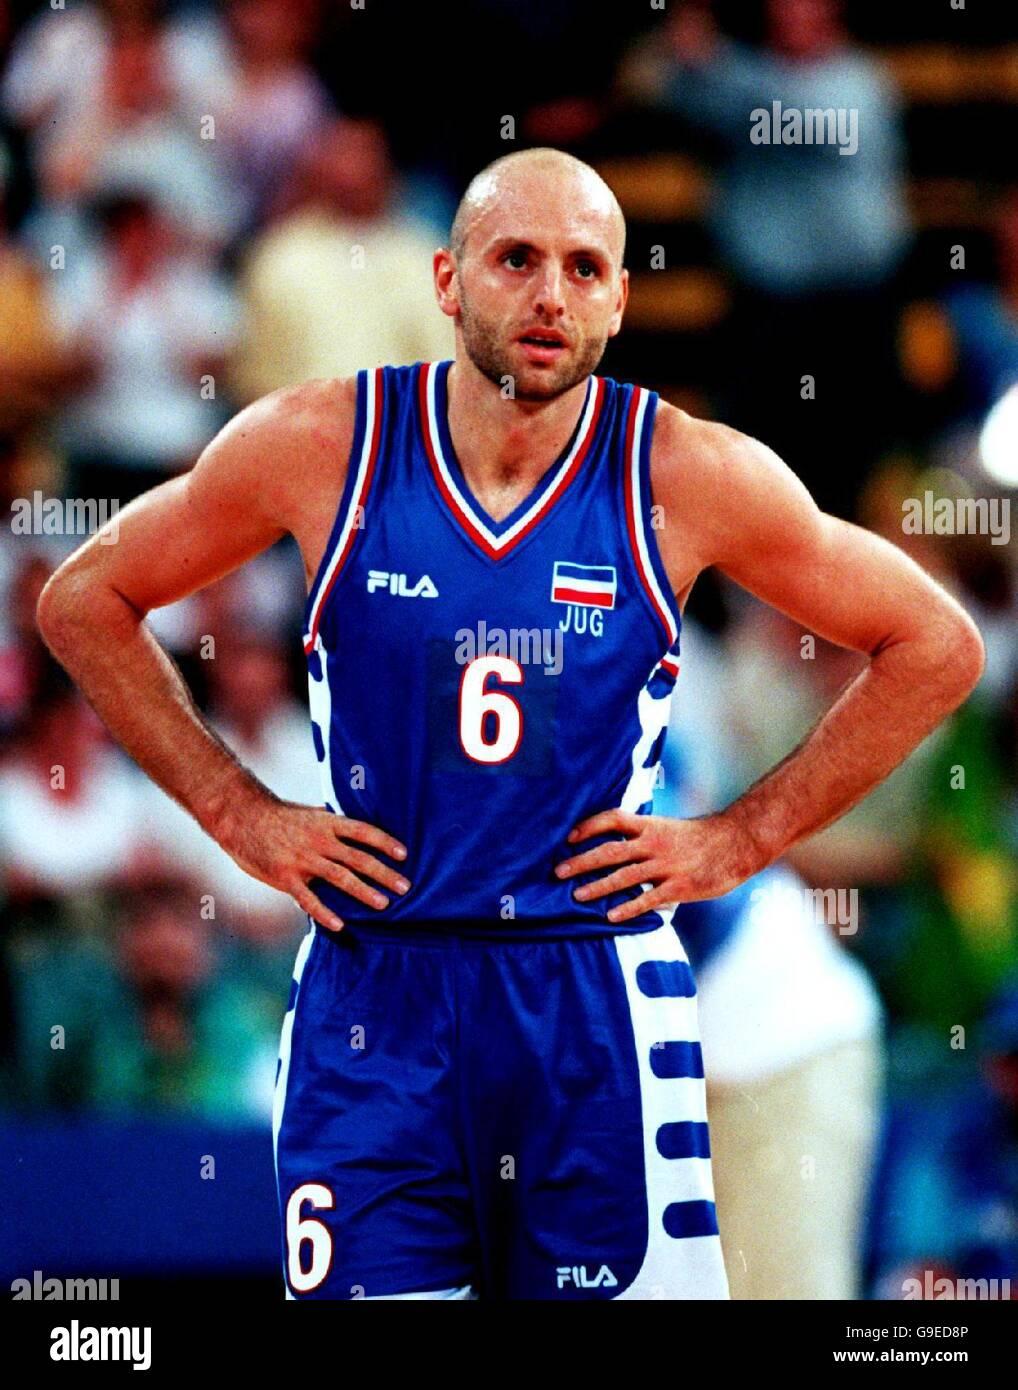 Sydney 2000 Olympics - Basketball - Australia v Yugoslavia Stock Photo